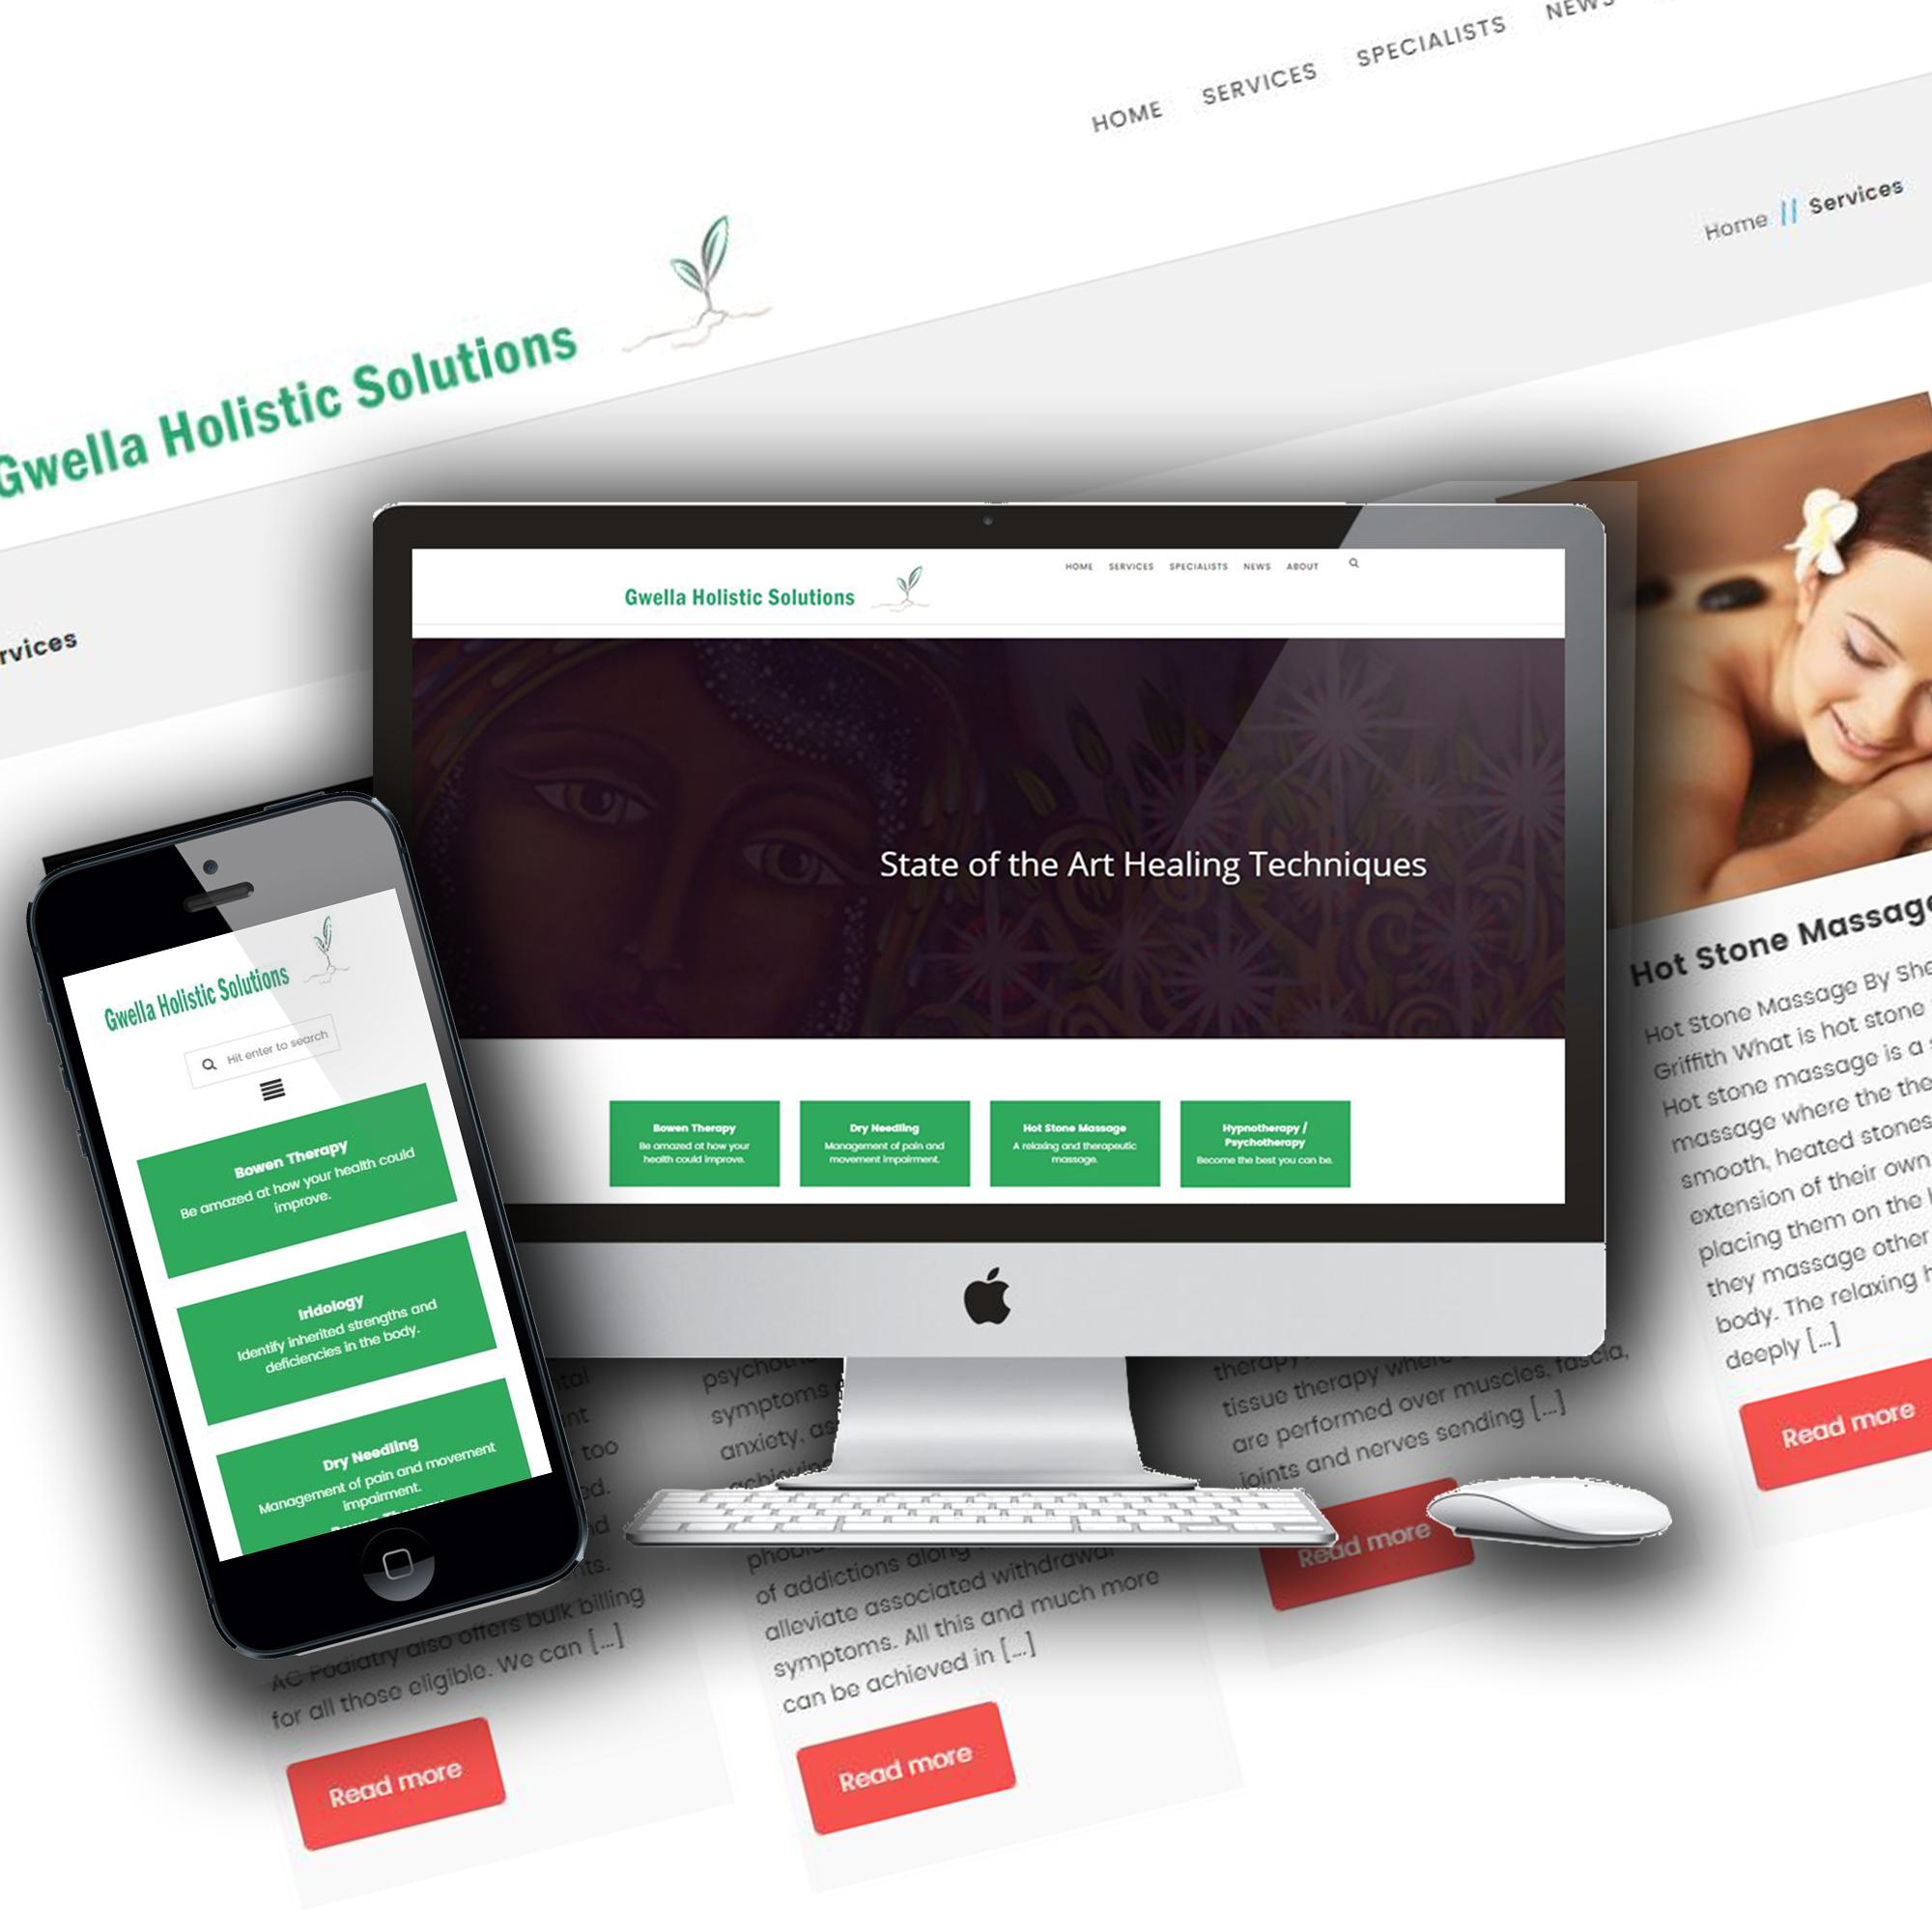 gwella_holistic_solutions